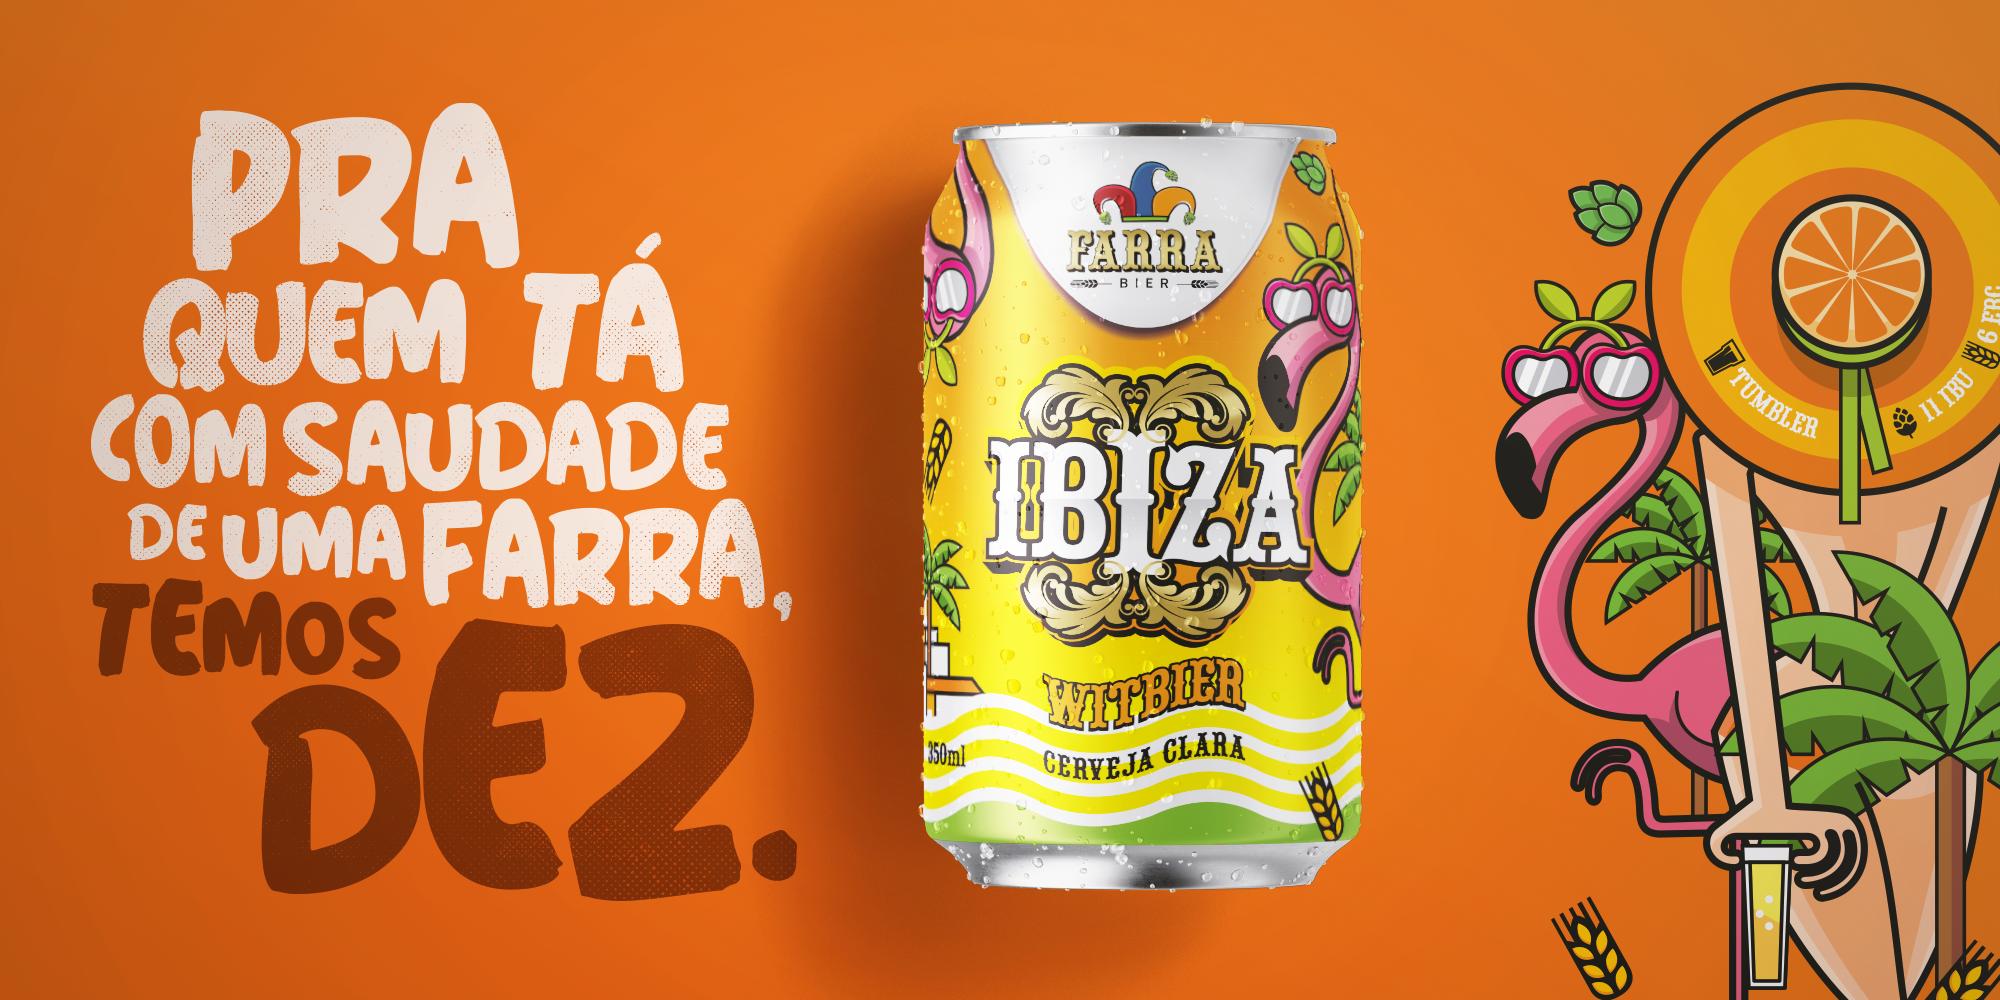 Banca_Farra-2000x1000_Ibiza